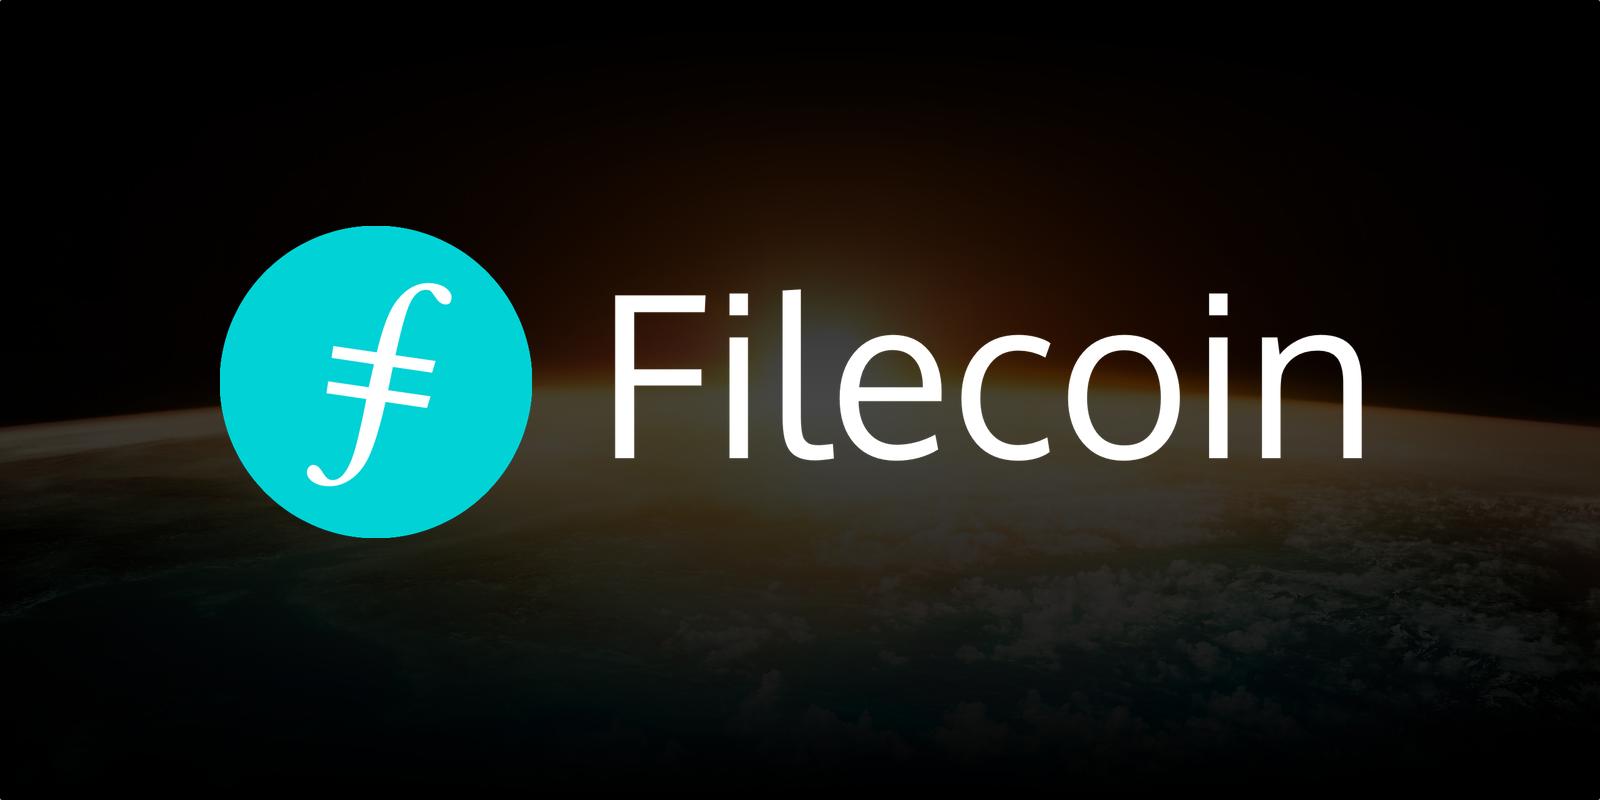 filecoin